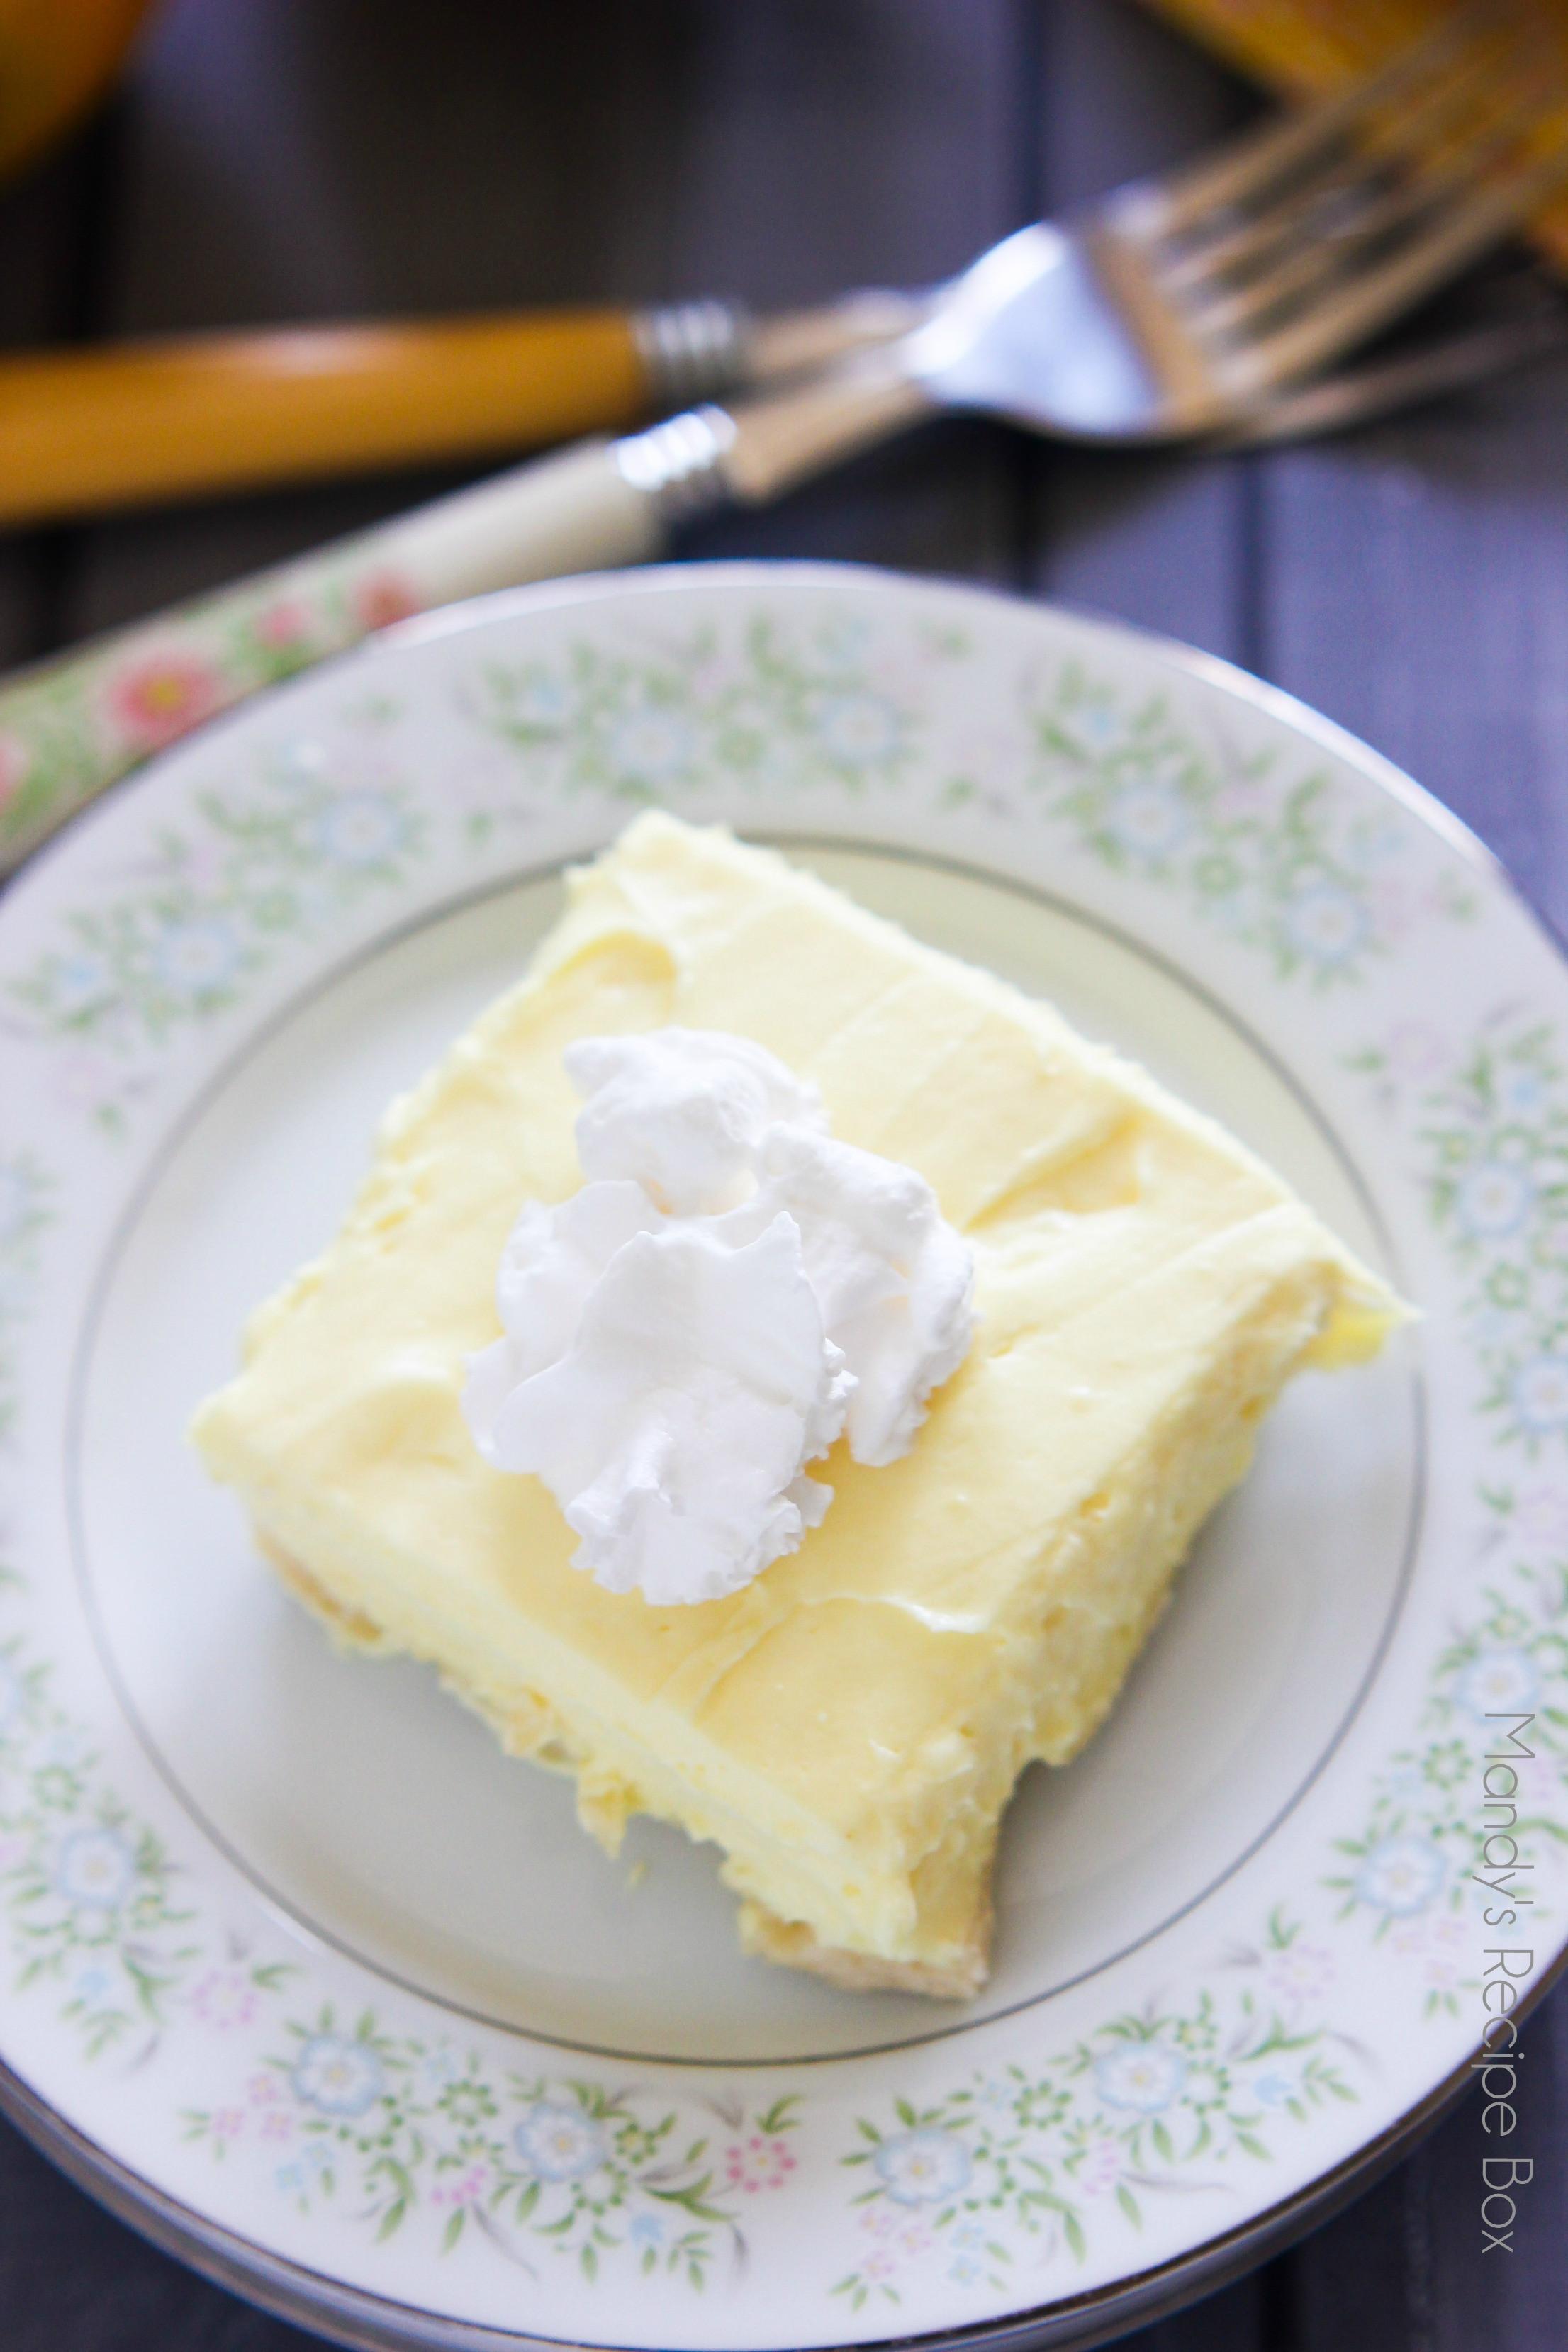 Best Lemon Desserts  Lemon Fluff Dessert